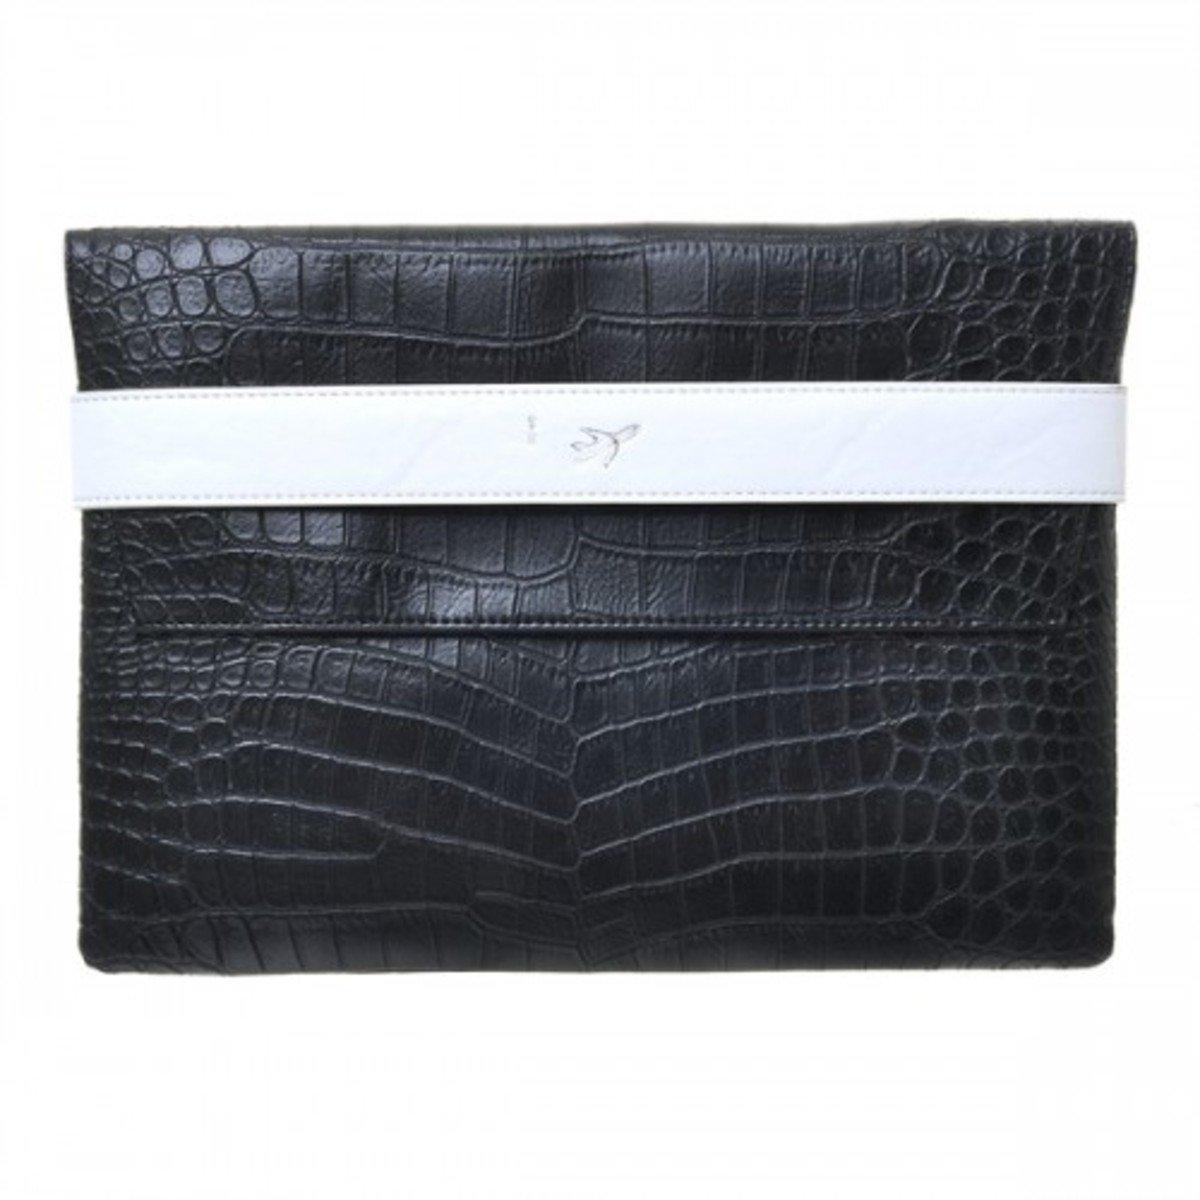 New Iann 手提包 (黑)_P00000FO